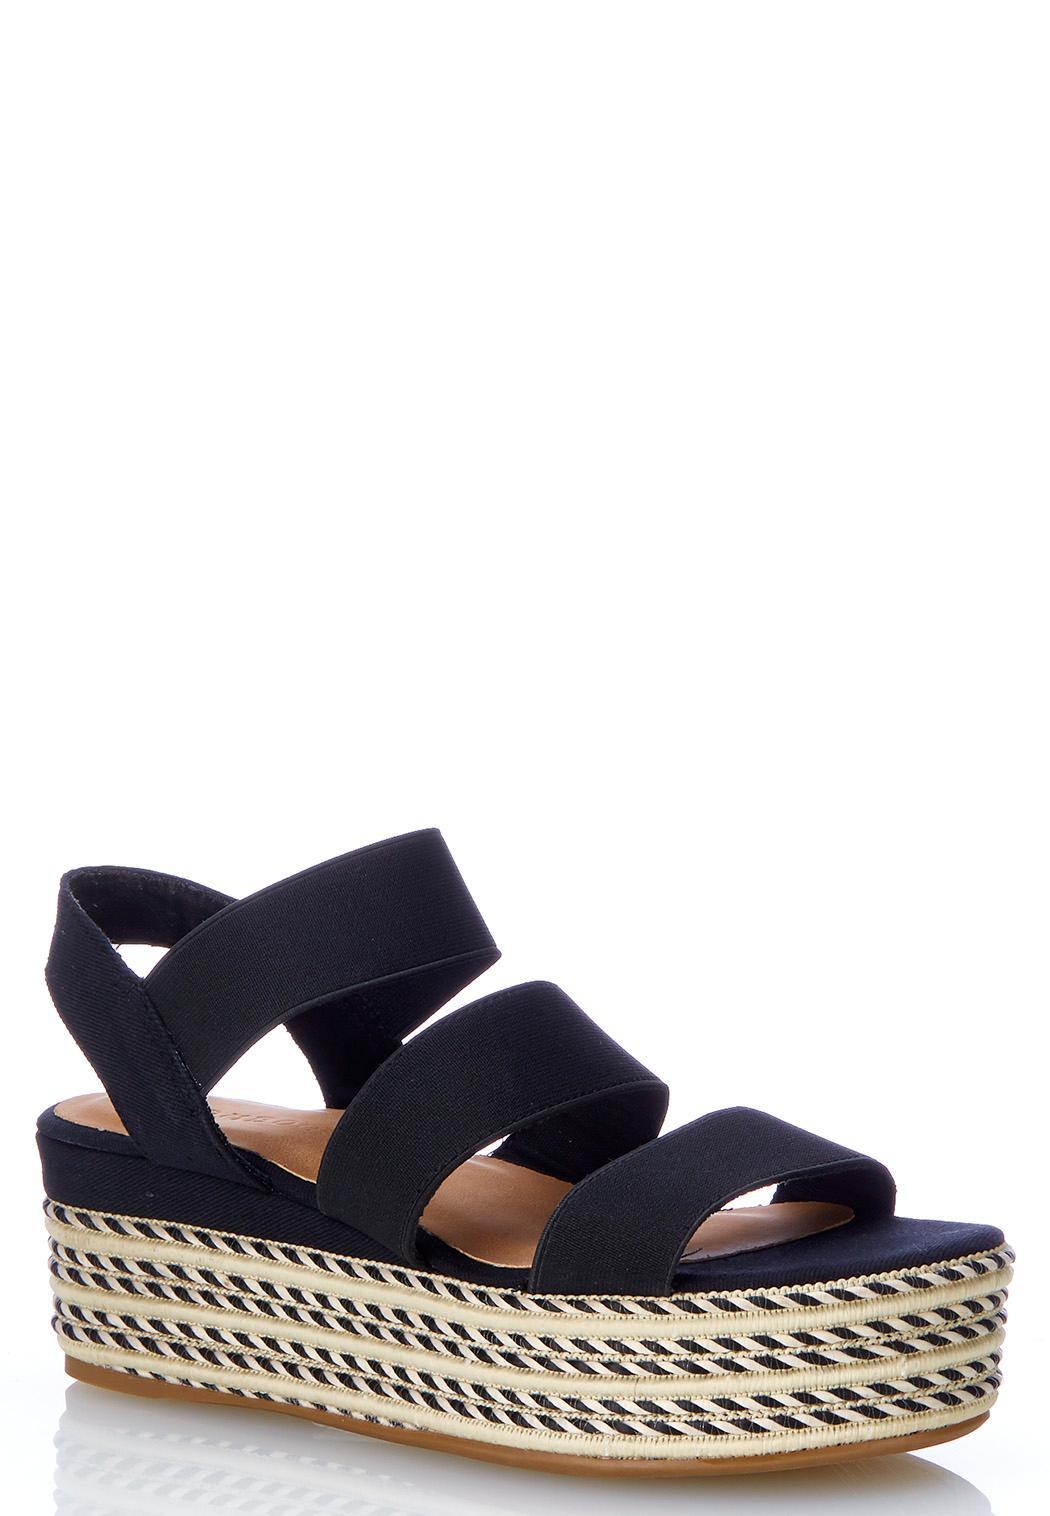 Roped Flatform Sandals